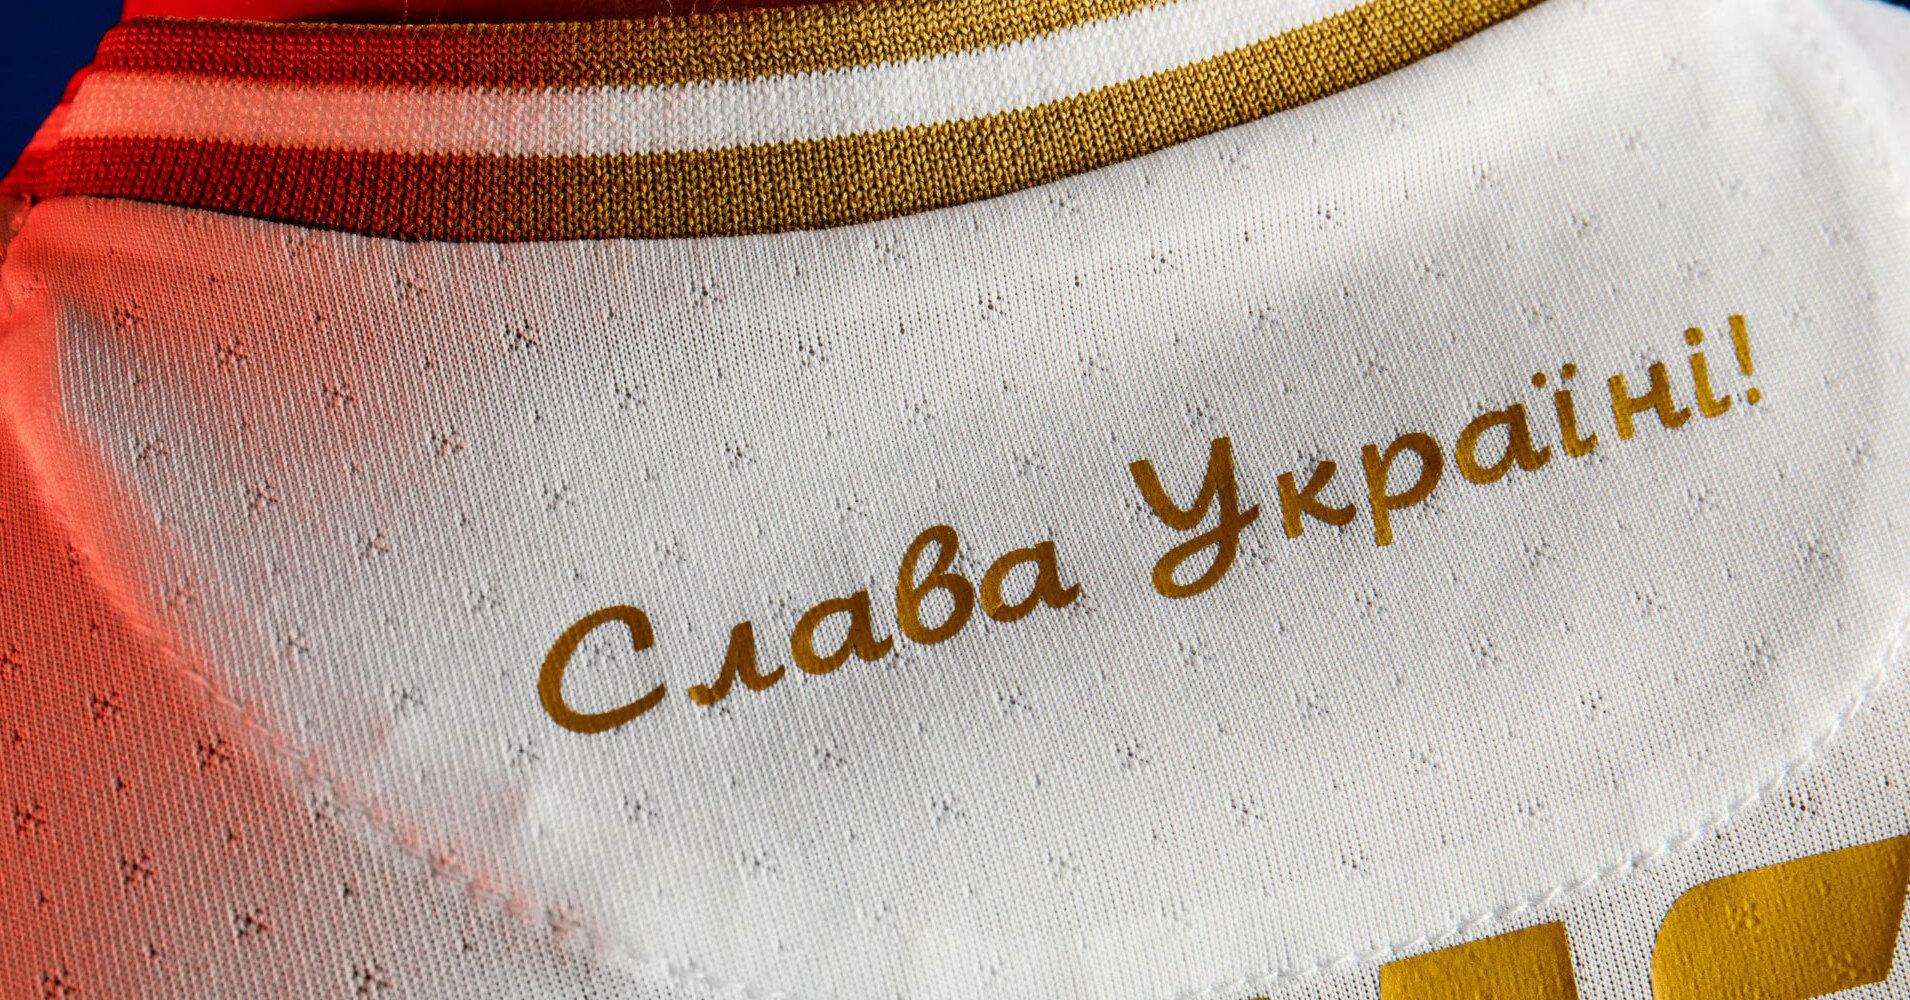 Команда посольства США надела форму украинской сборной на Евро-2020